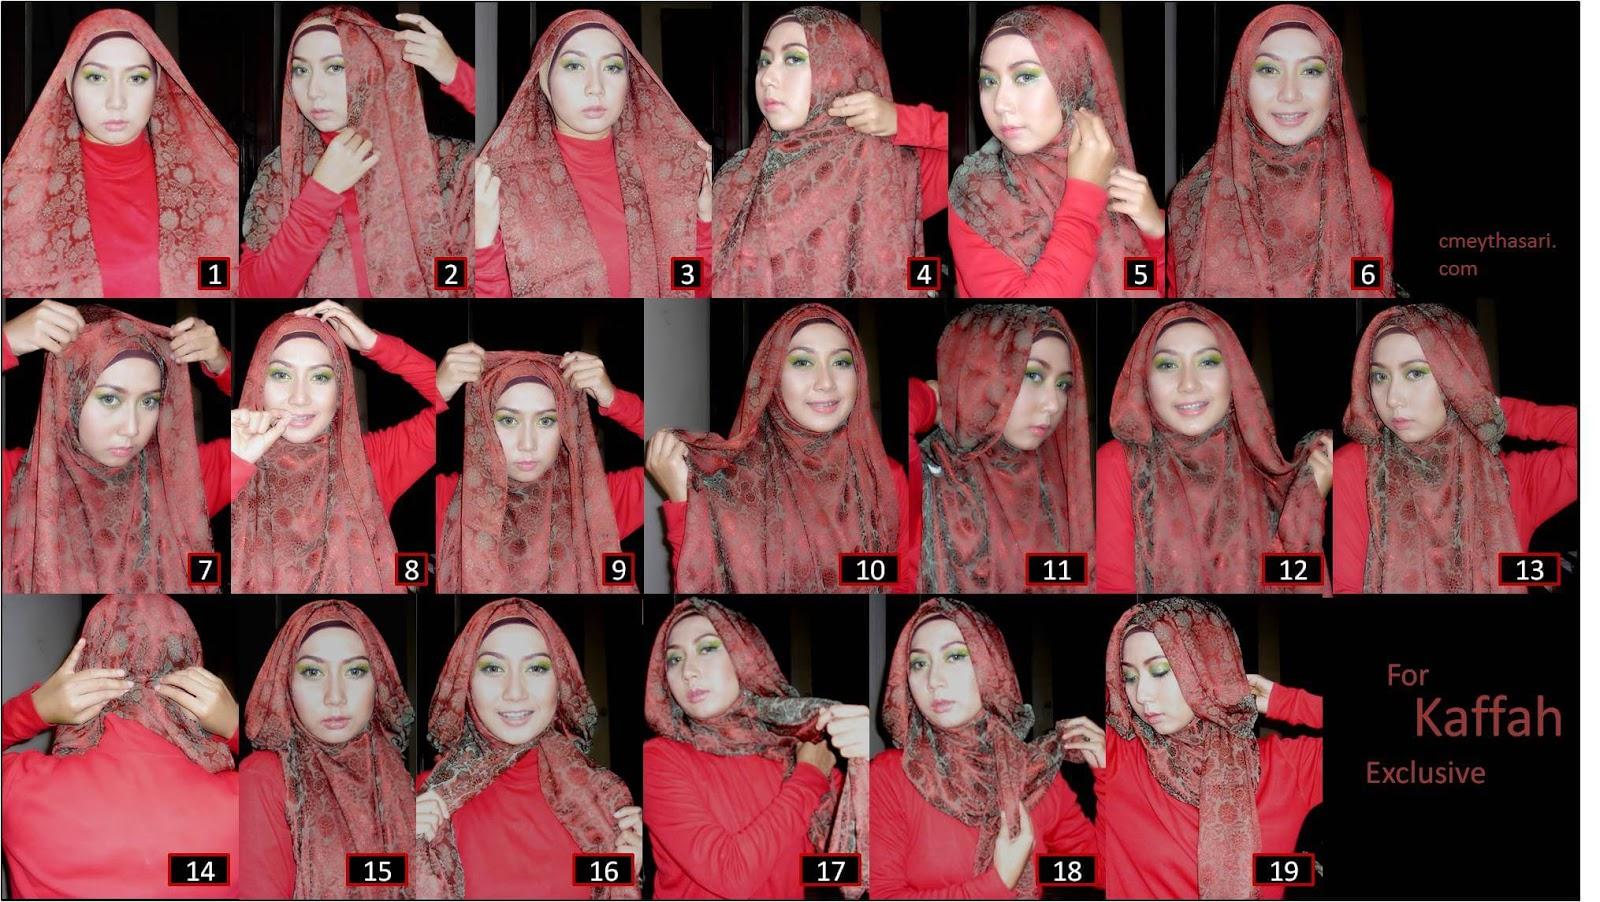 20 Tutorial Hijab Monochrome Satin Sifon Ima Rawis Terbaru